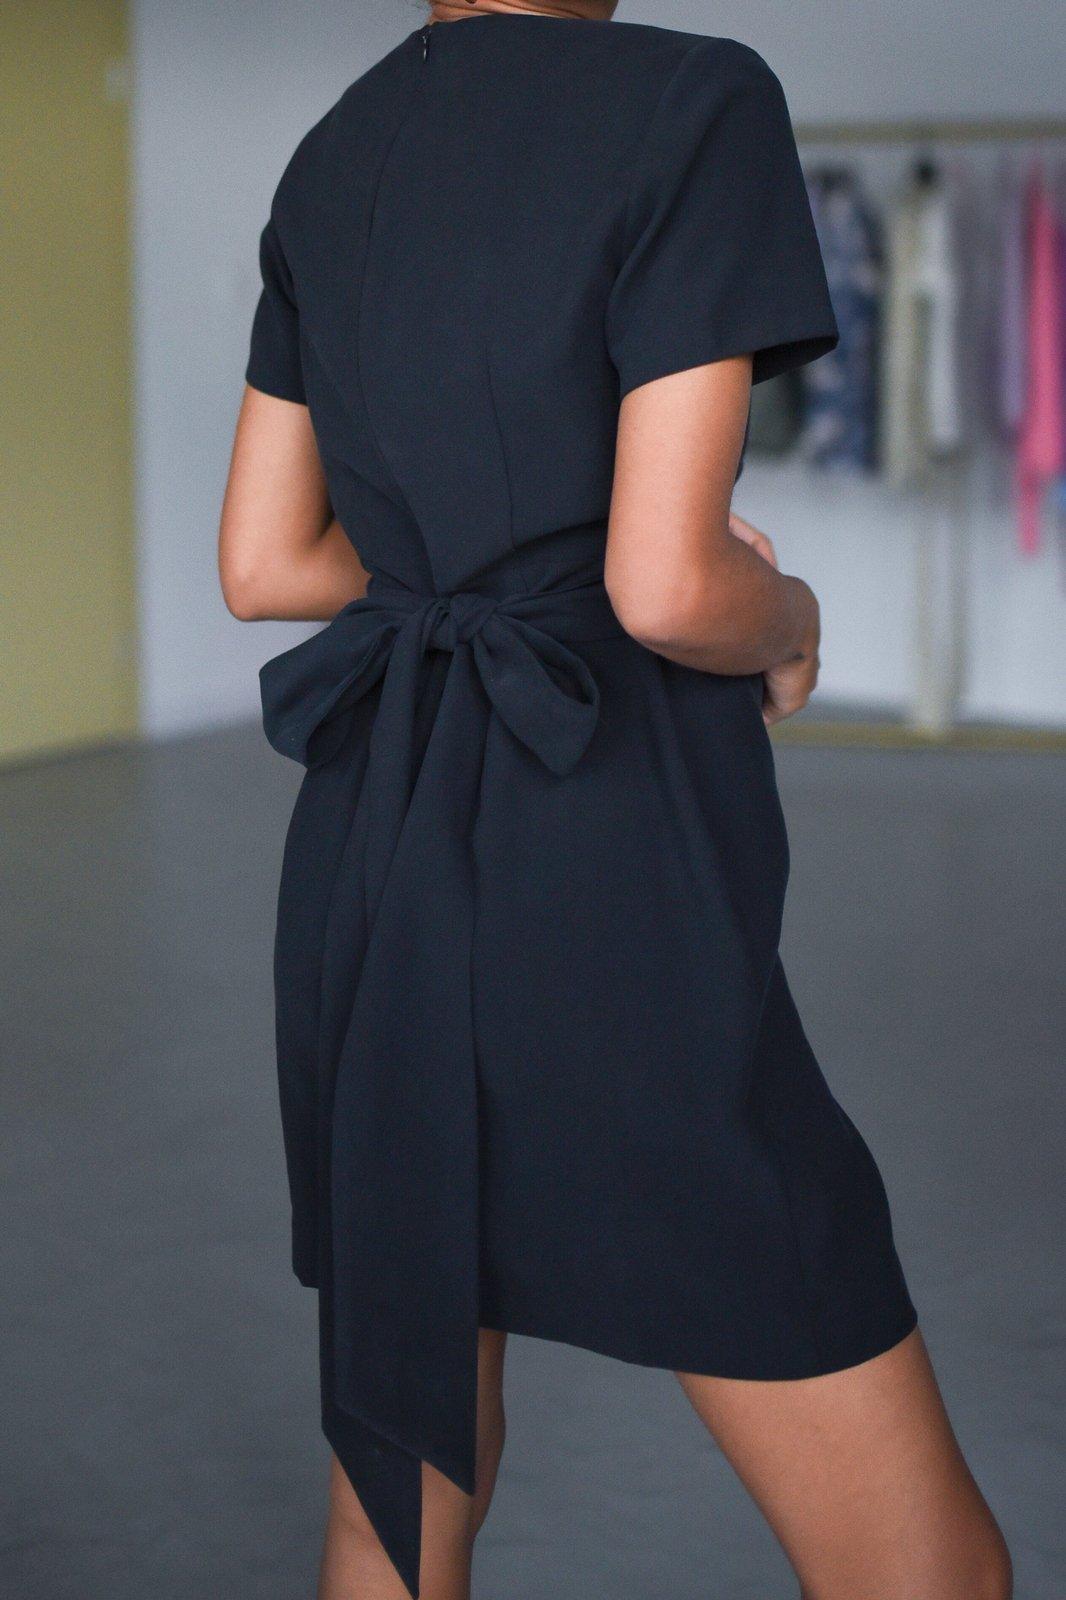 CHEAP Scarlett Black Dress 28617024079 – Women's Dresses & Skirts